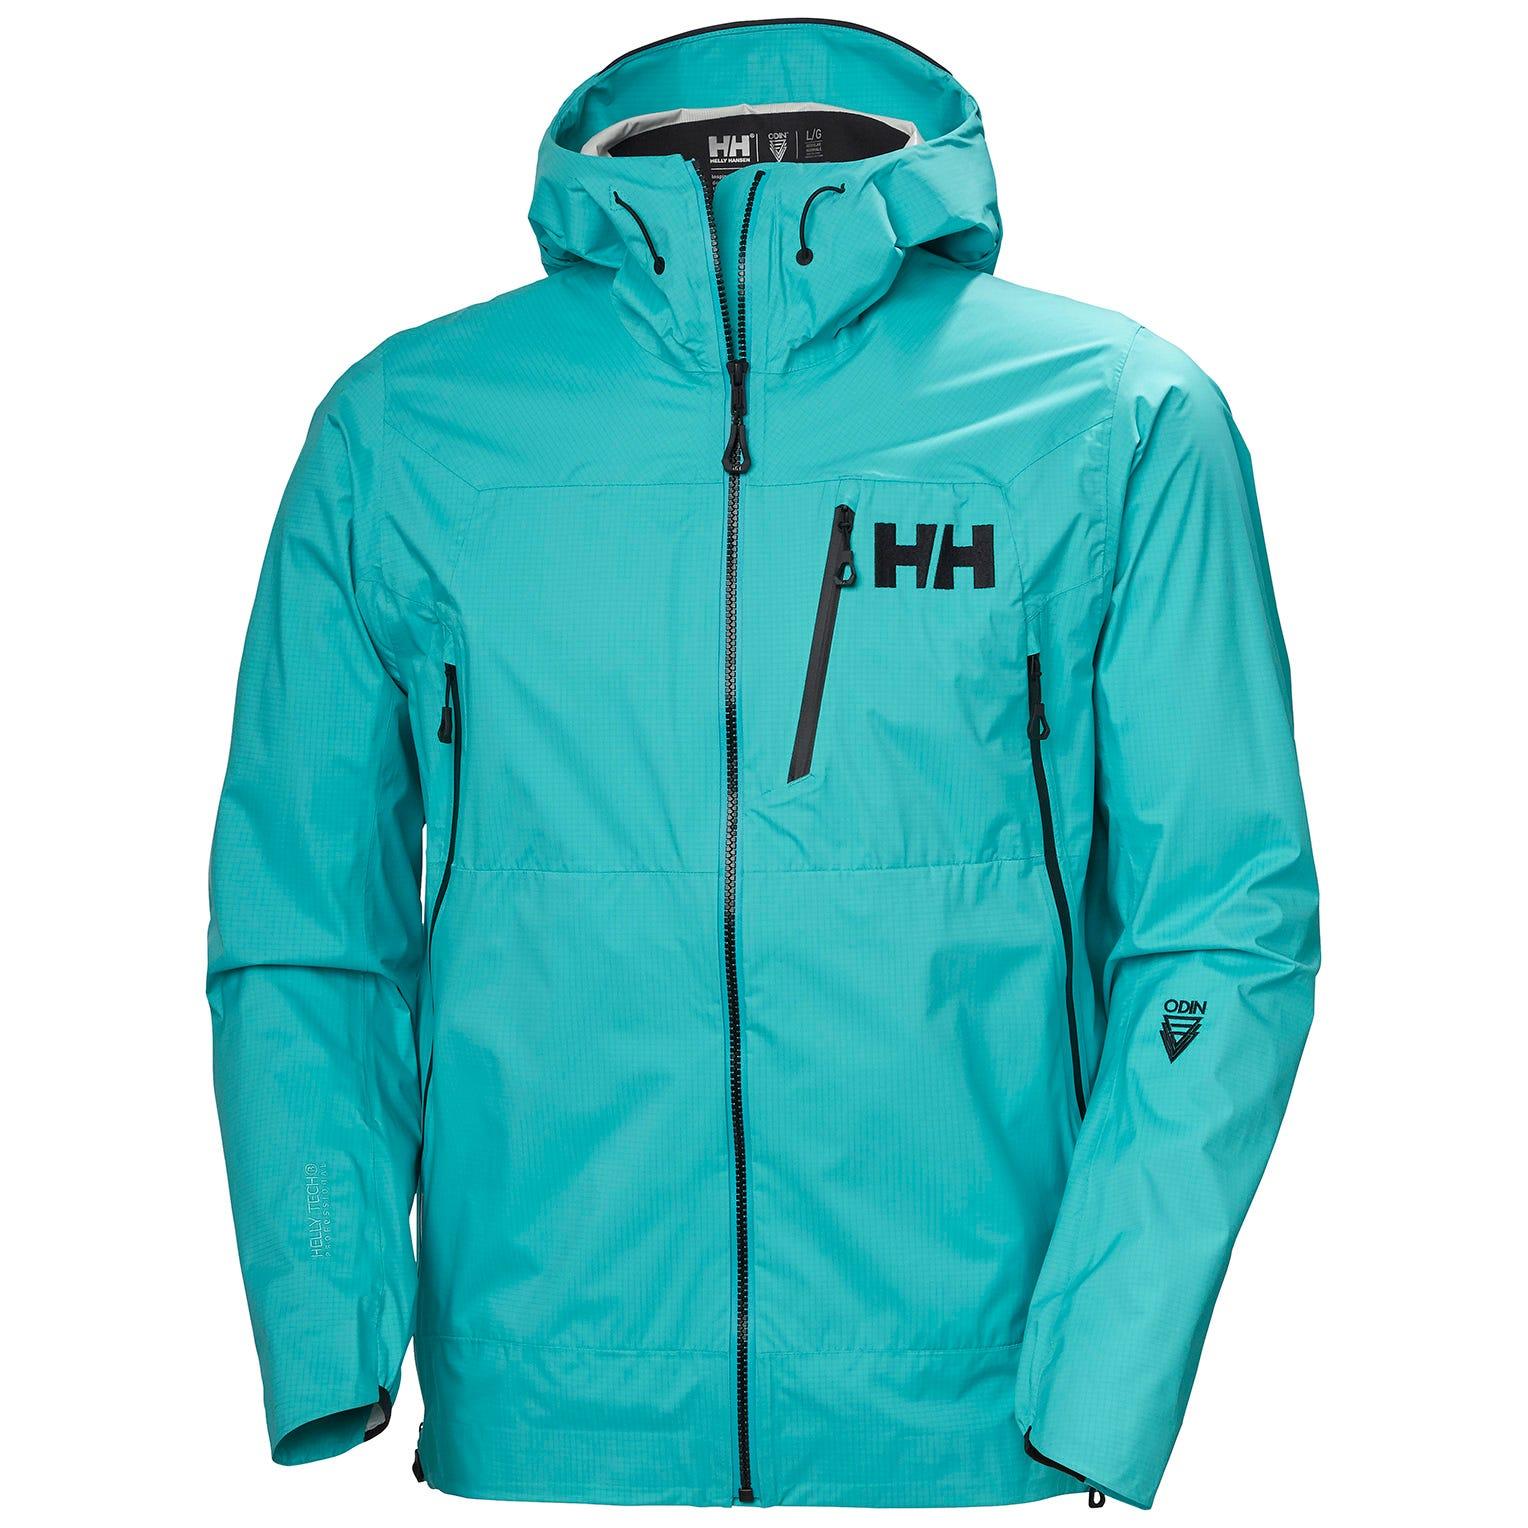 Helly Hansen Mens Odin 3d Air Shell Lightweight Jacket XL